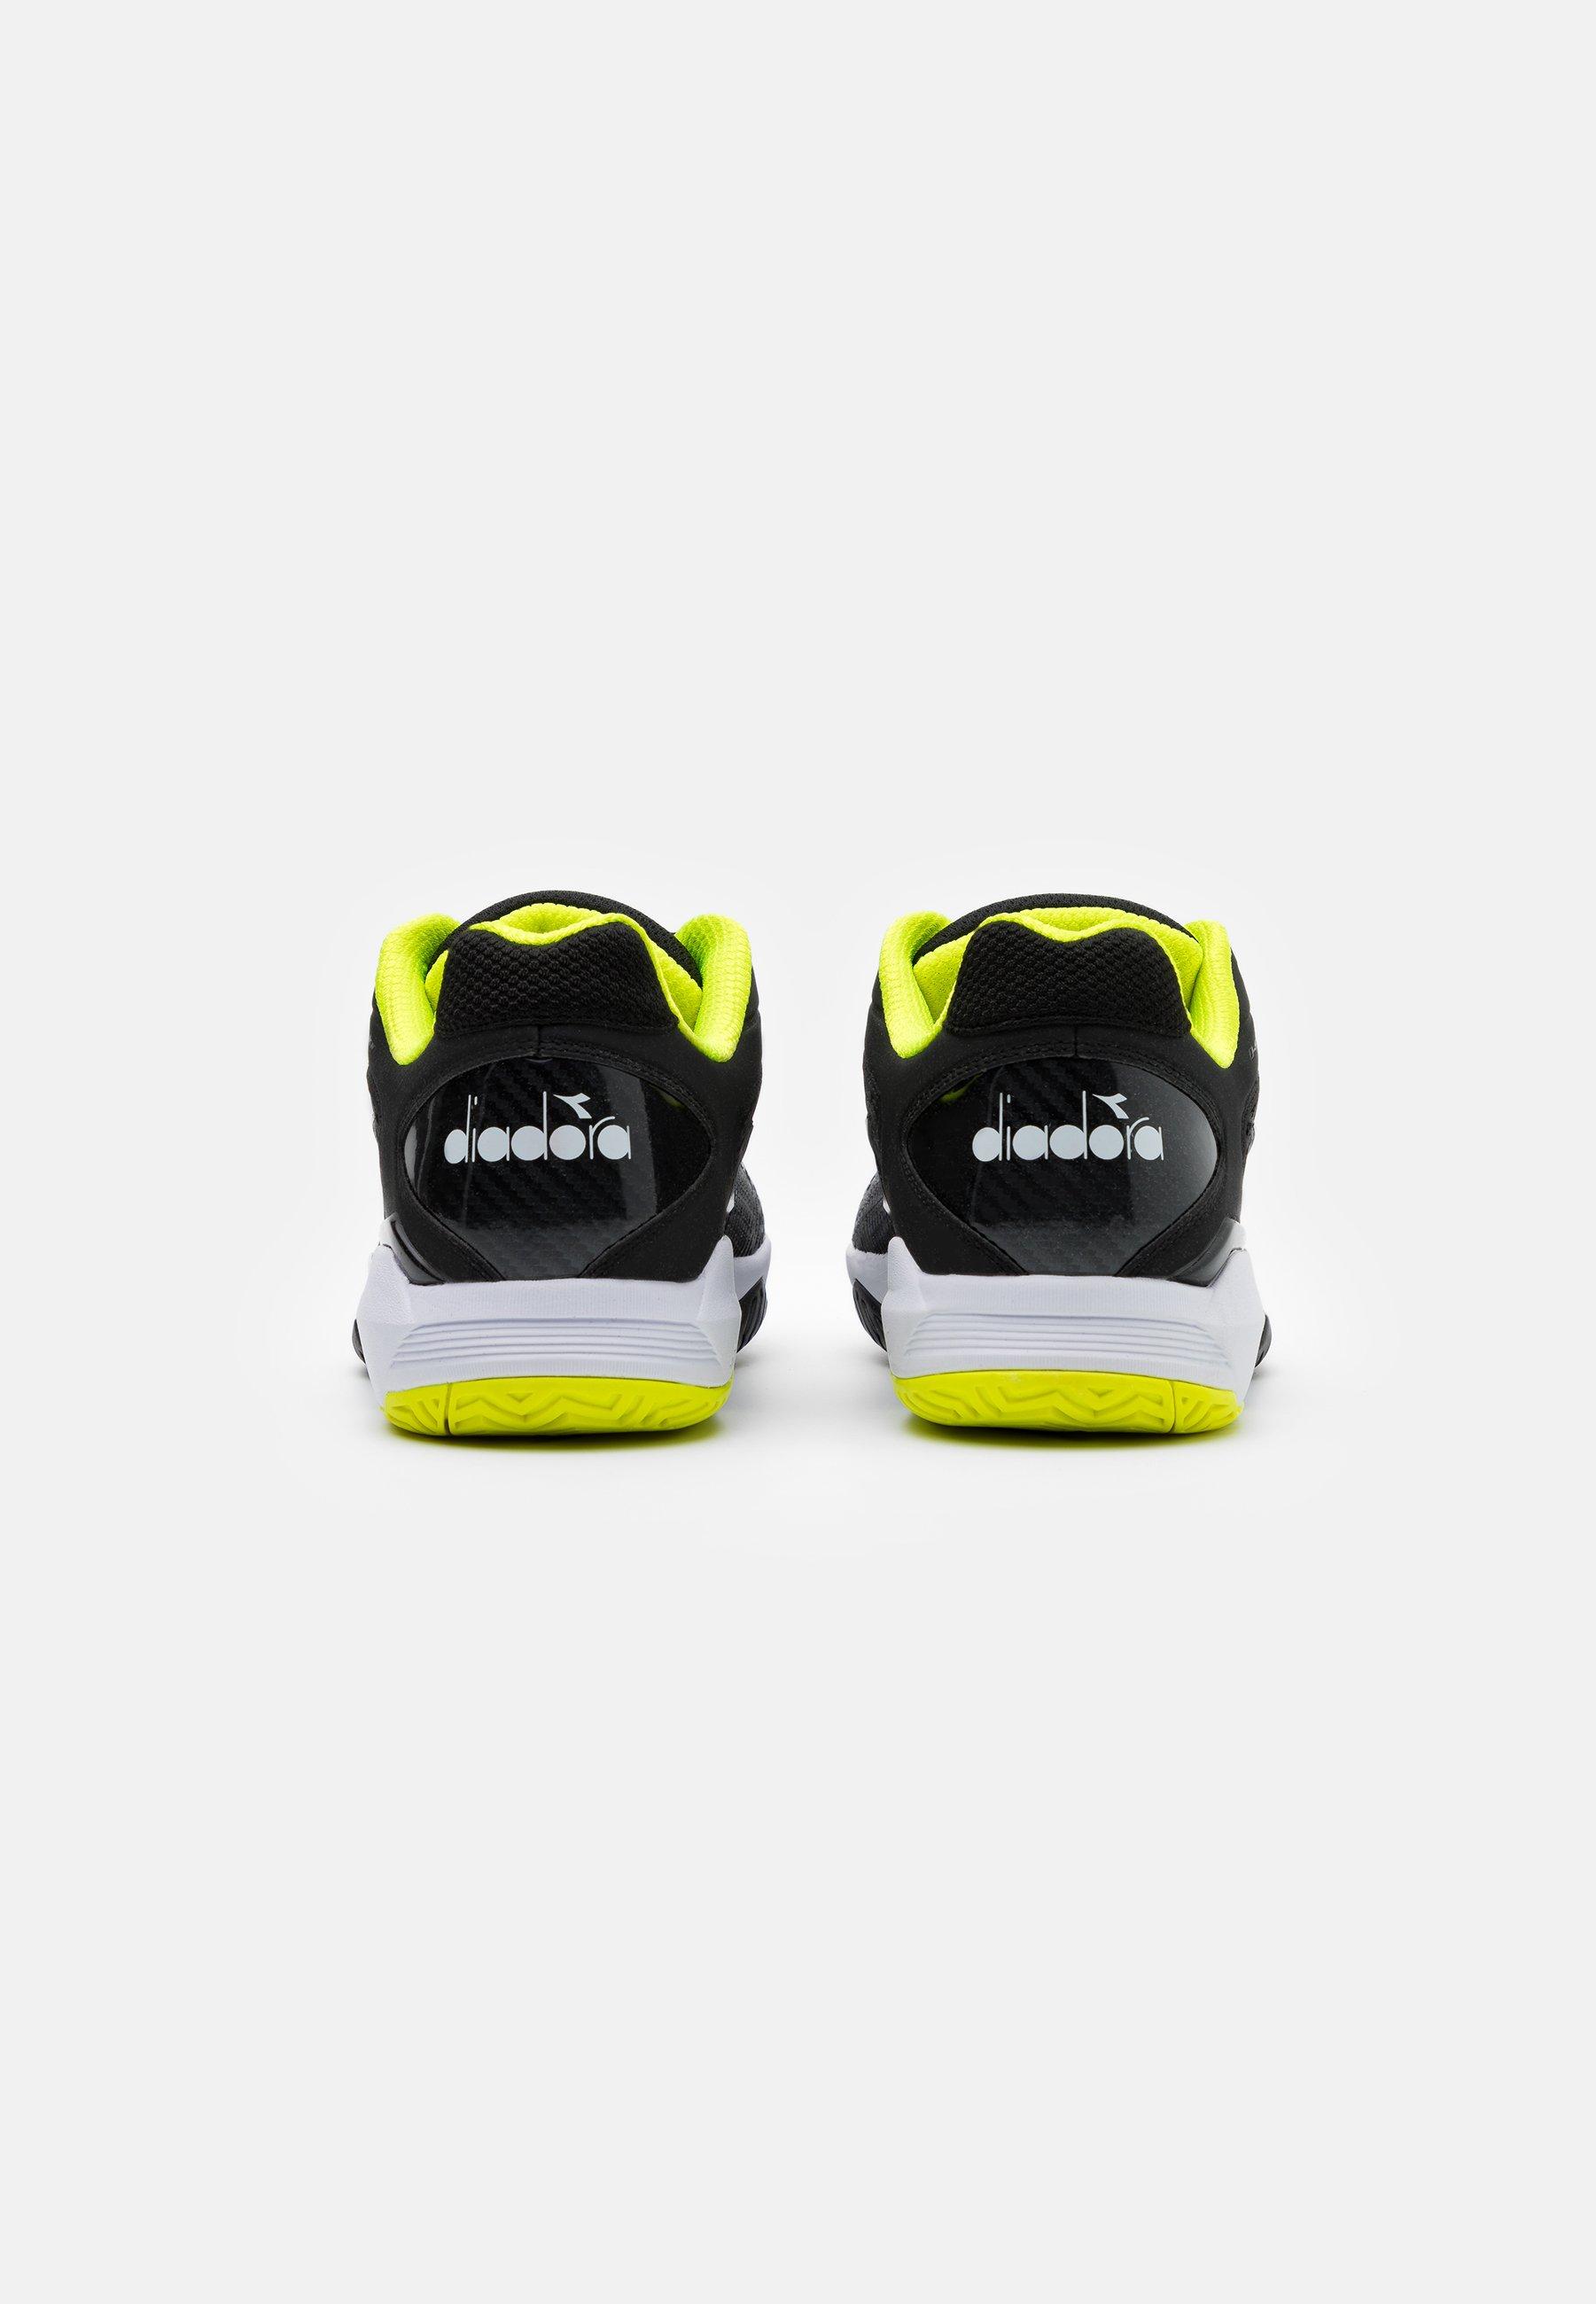 Negozio Scarpe da uomo Diadora SPEED COMPETITION 5 + AG Scarpe da tennis per tutte le superfici black/white/yellow